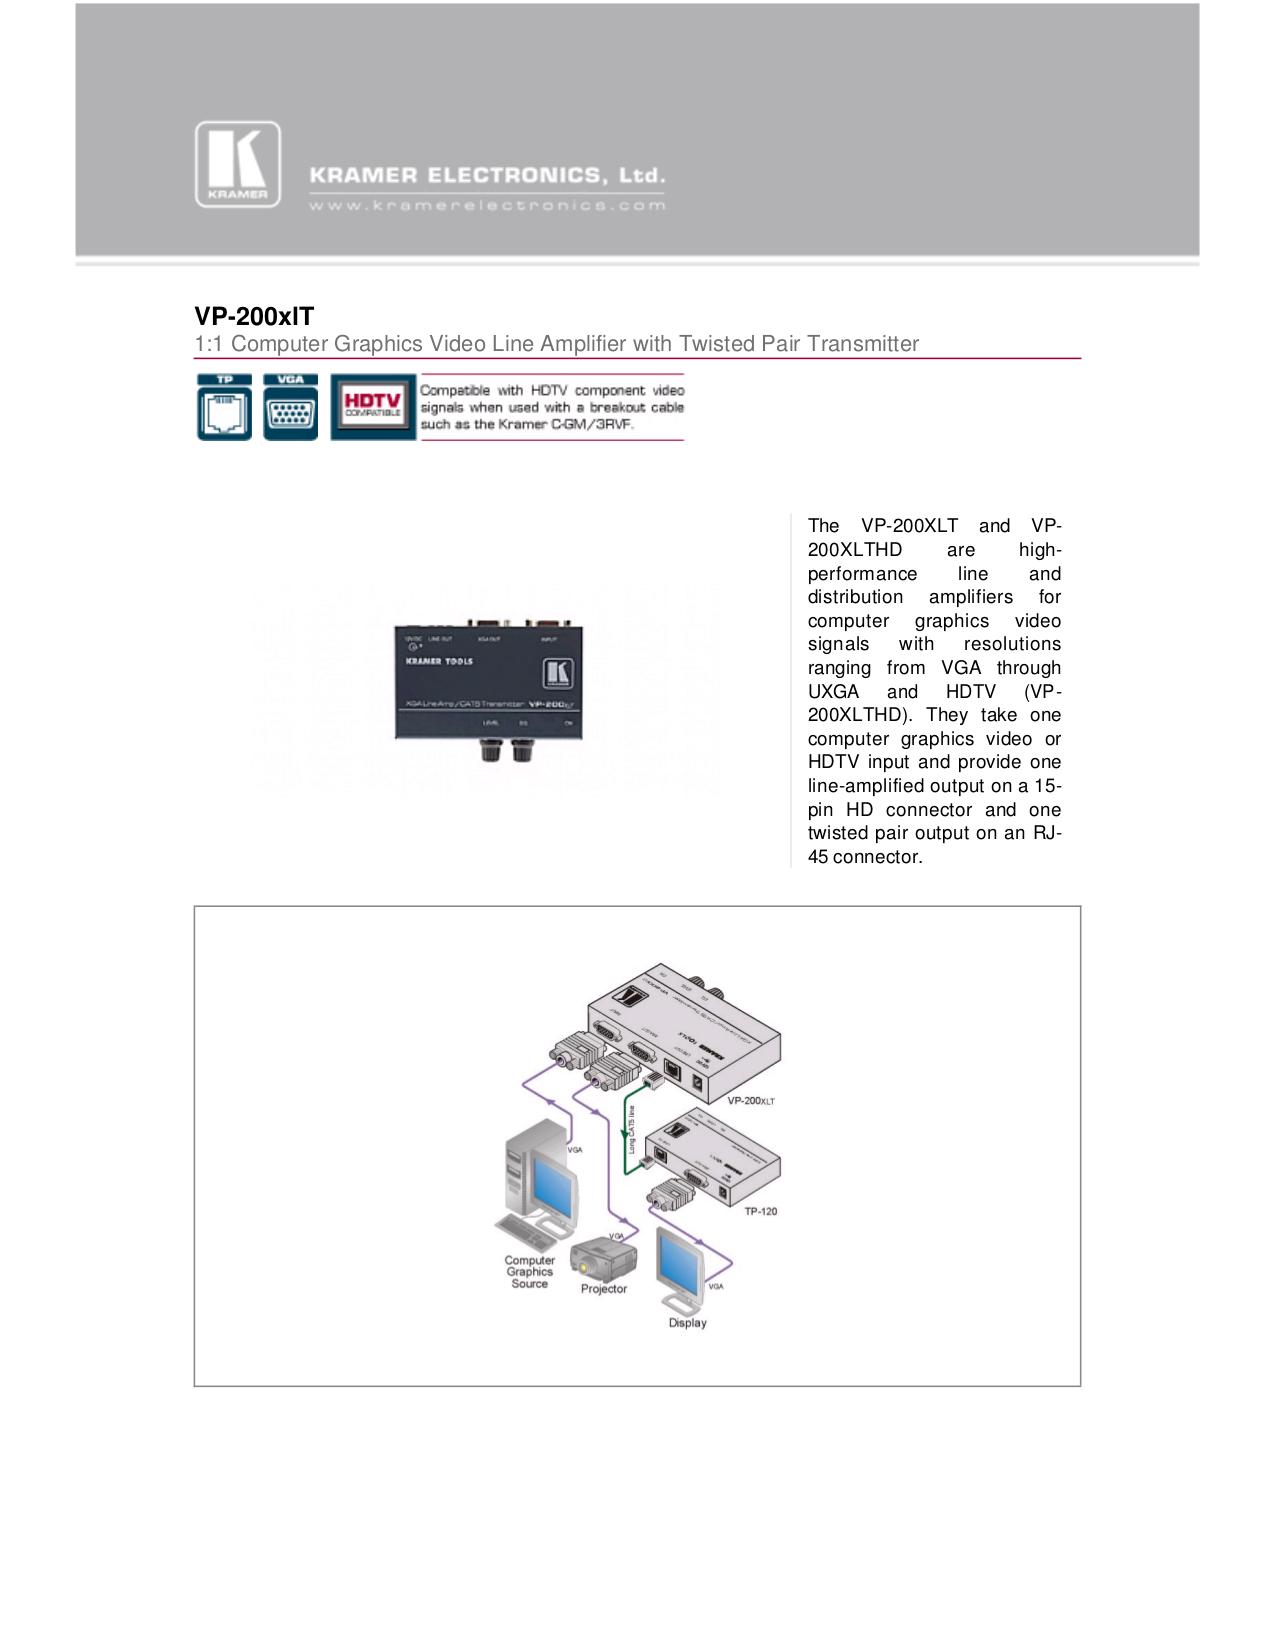 pdf for Kramer Other VP-200XLT Transmitters manual